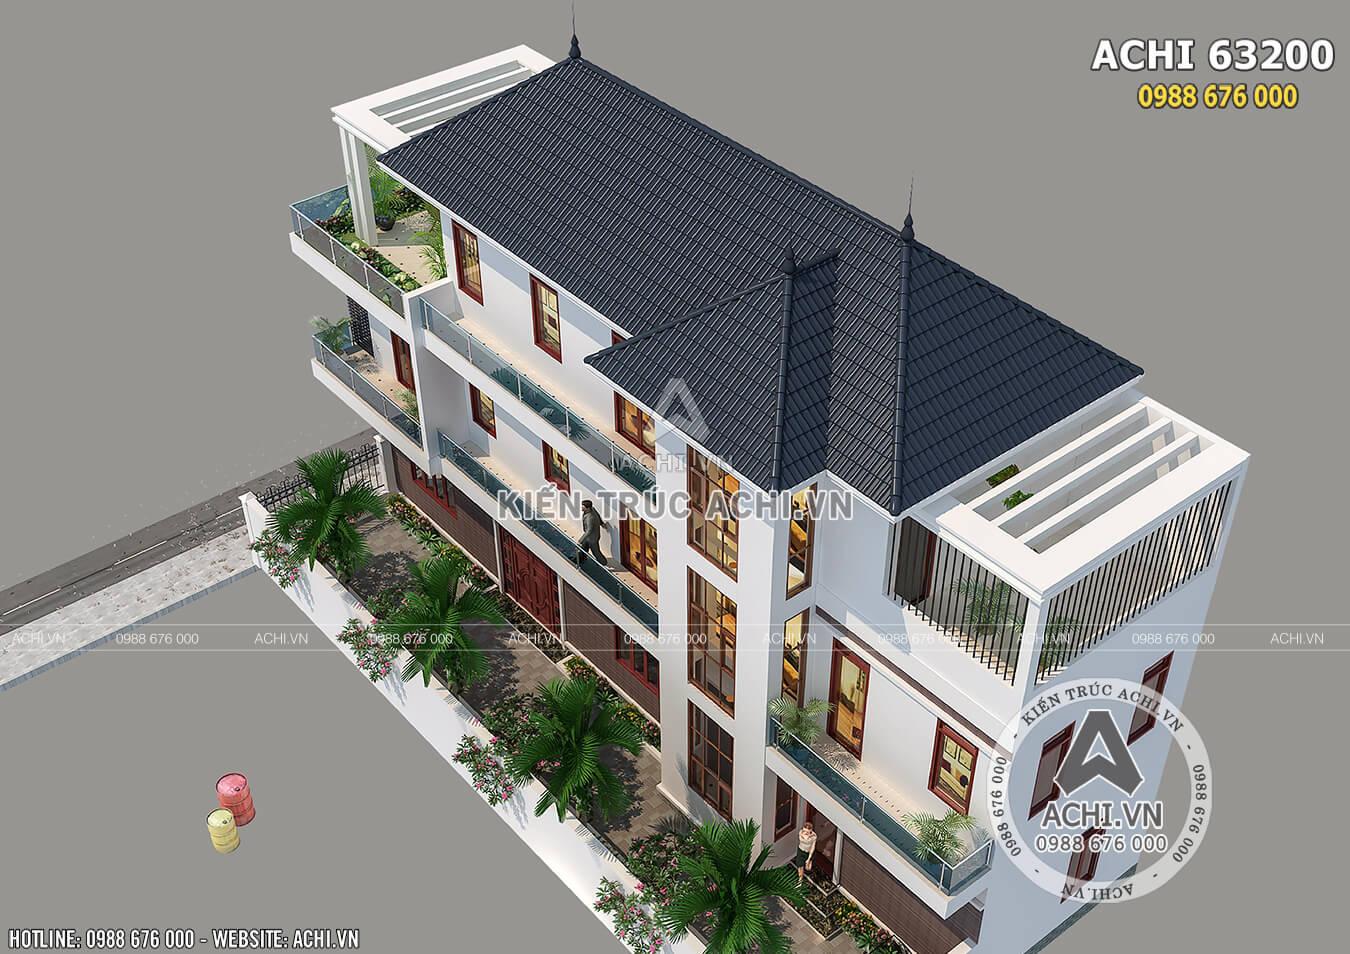 Hình ảnh: Mẫu biệt thự 3 tầng hiện đại mái Thái nhìn từ trên cao xuống– ACHI 63200